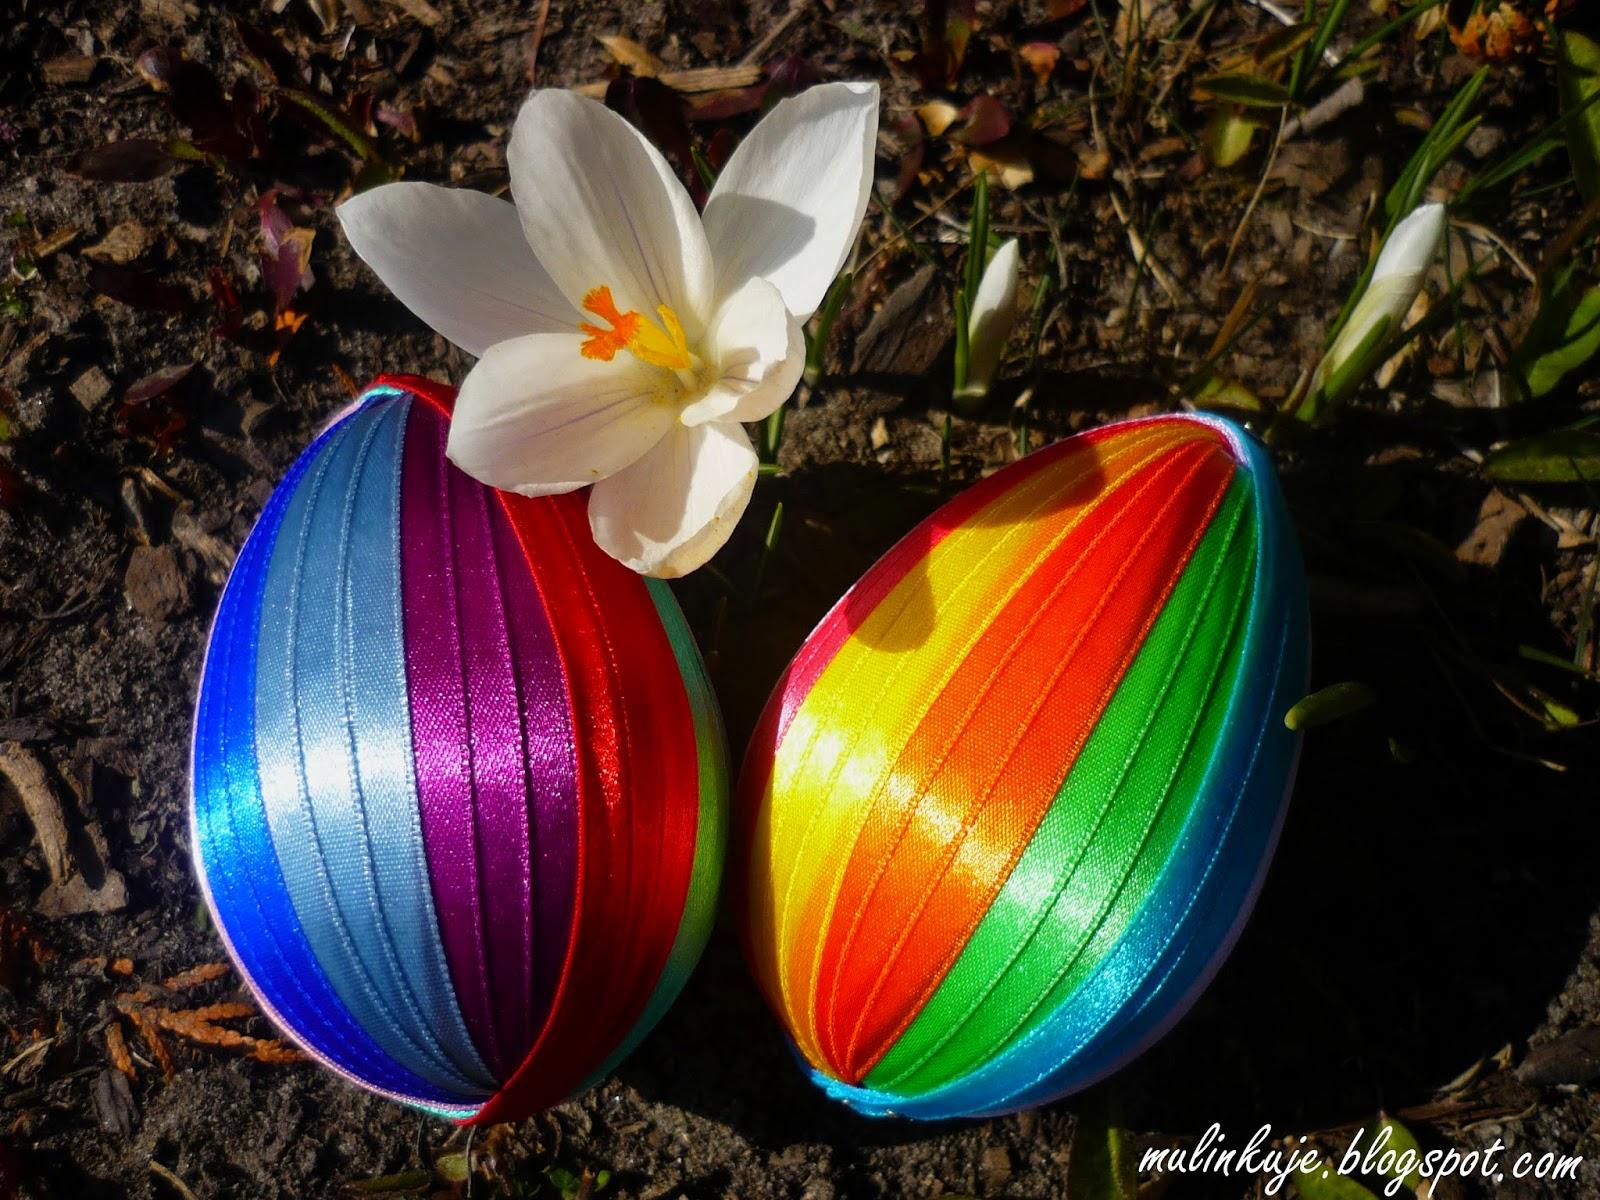 Wielkanocny nastrój